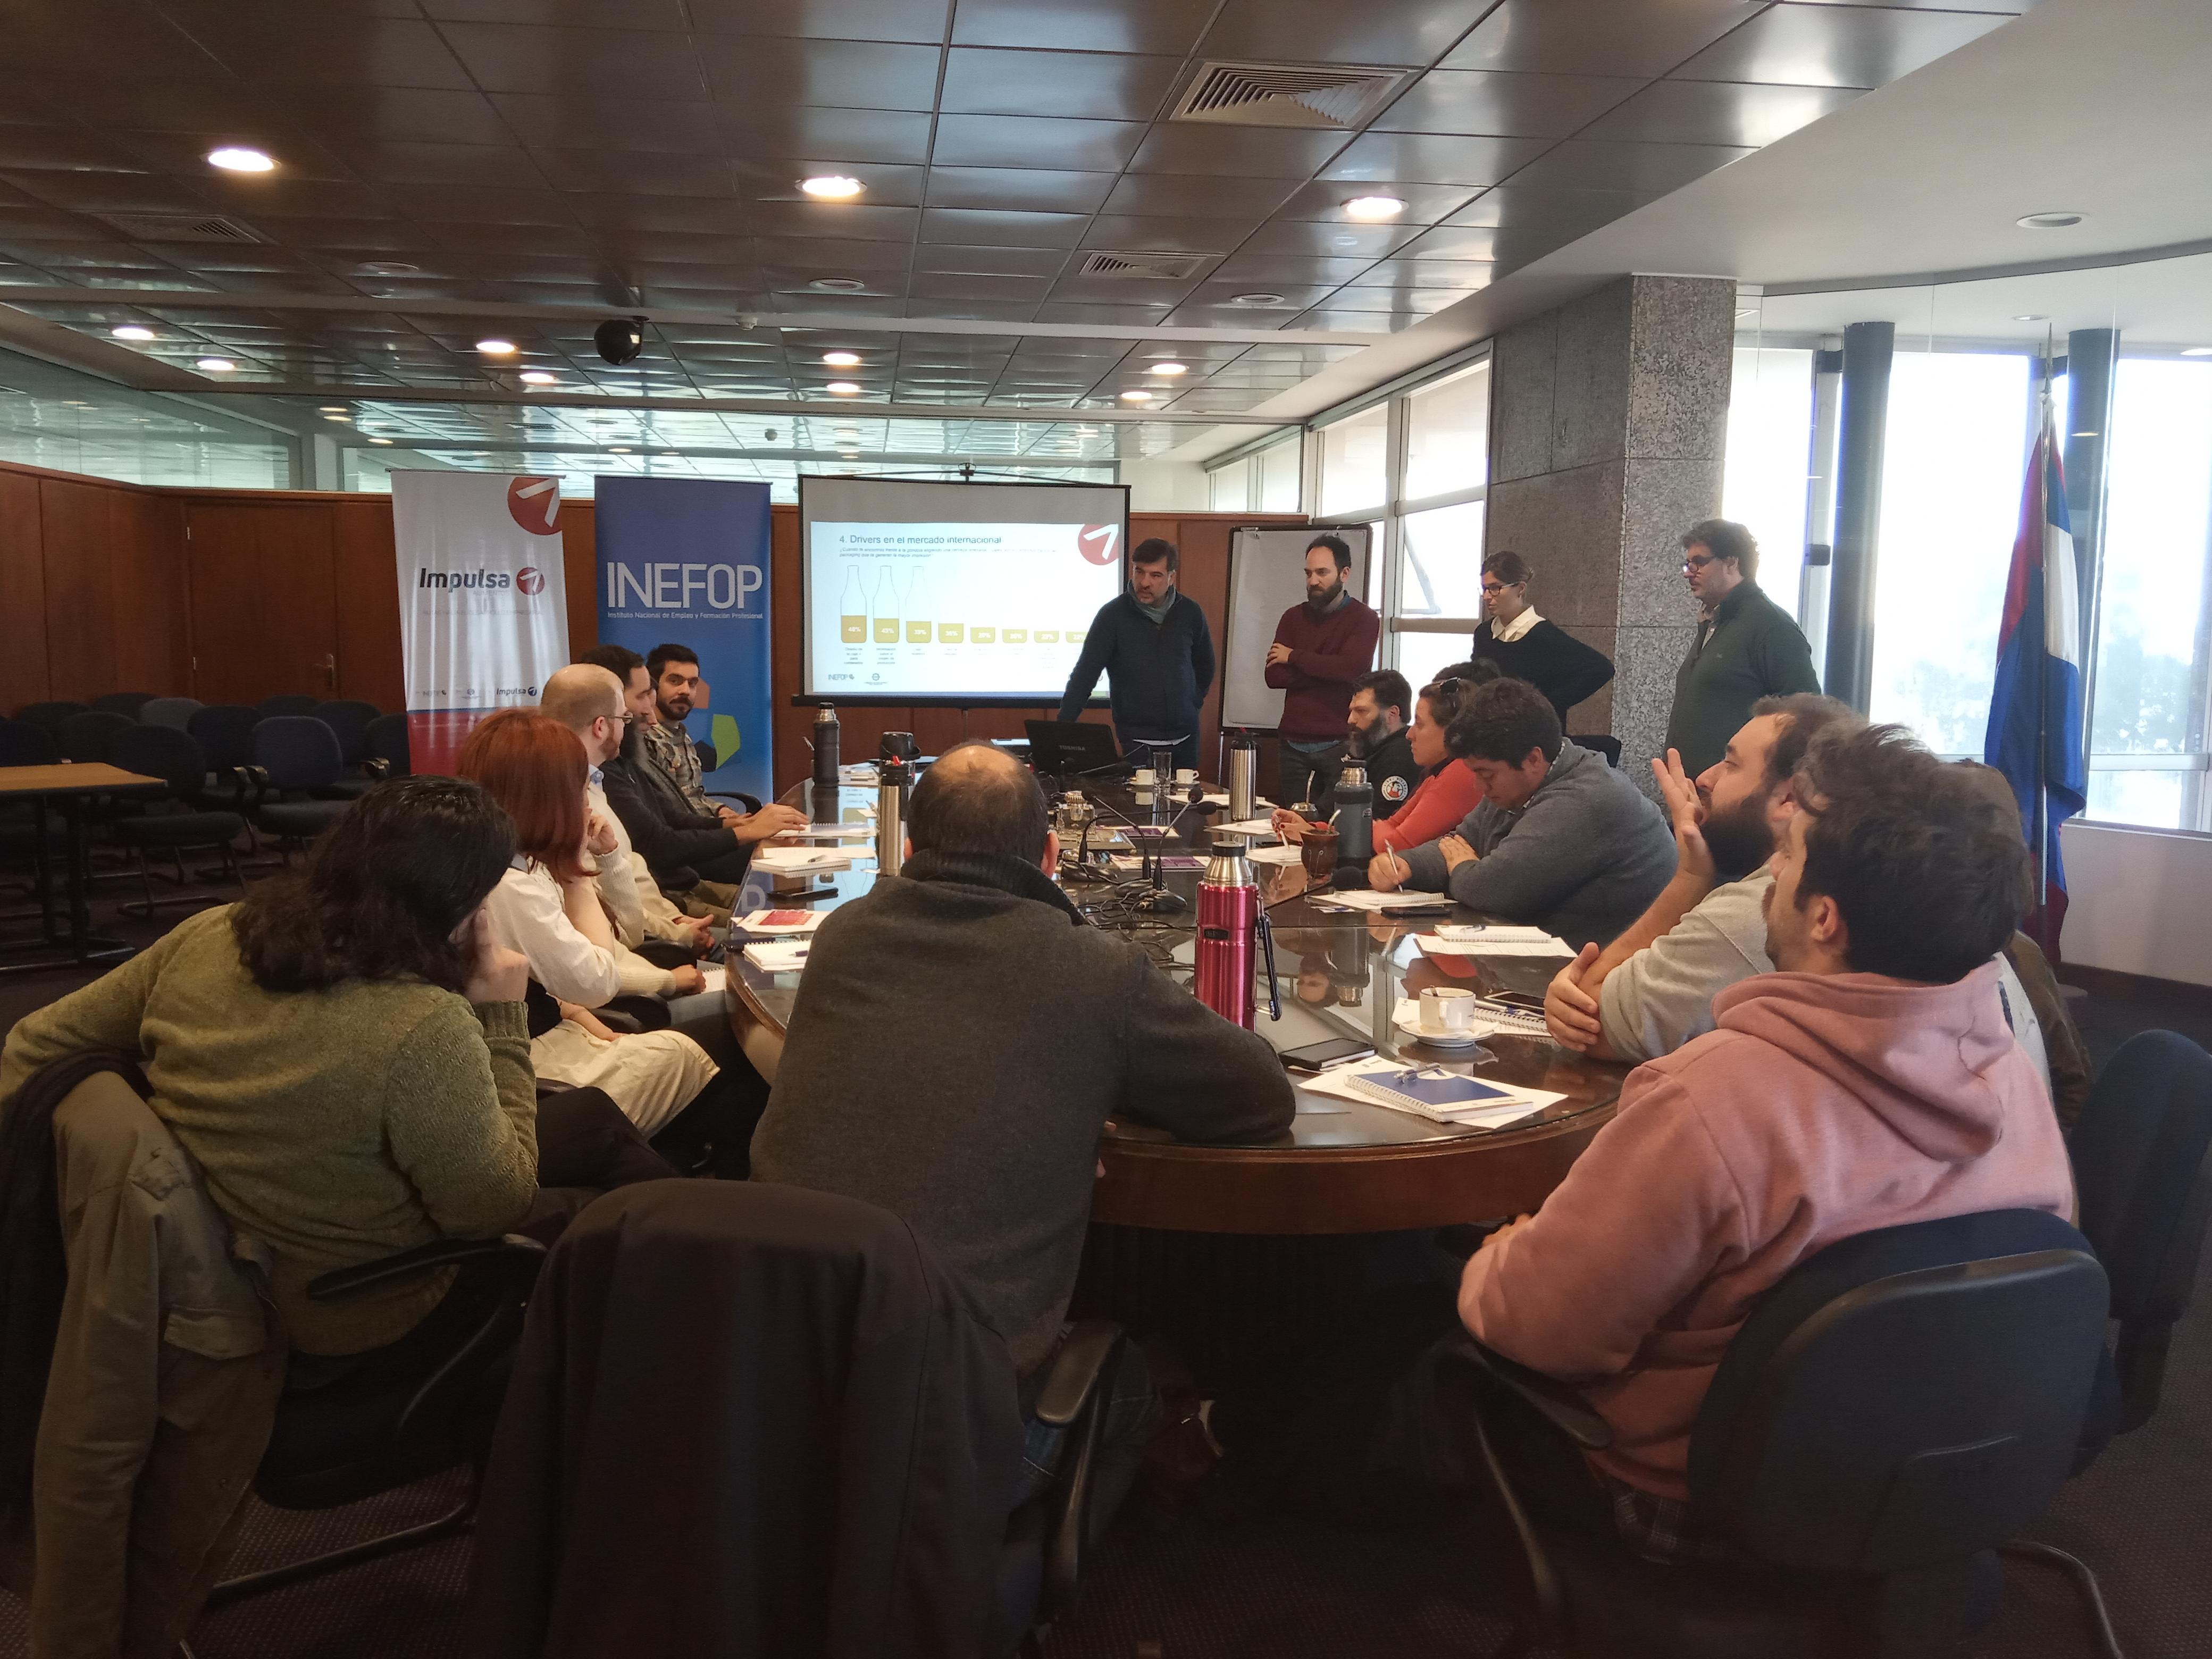 Crónicas: Se presentó el primer informe sobre tendencias de diseño para la cervecería artesanal uruguaya